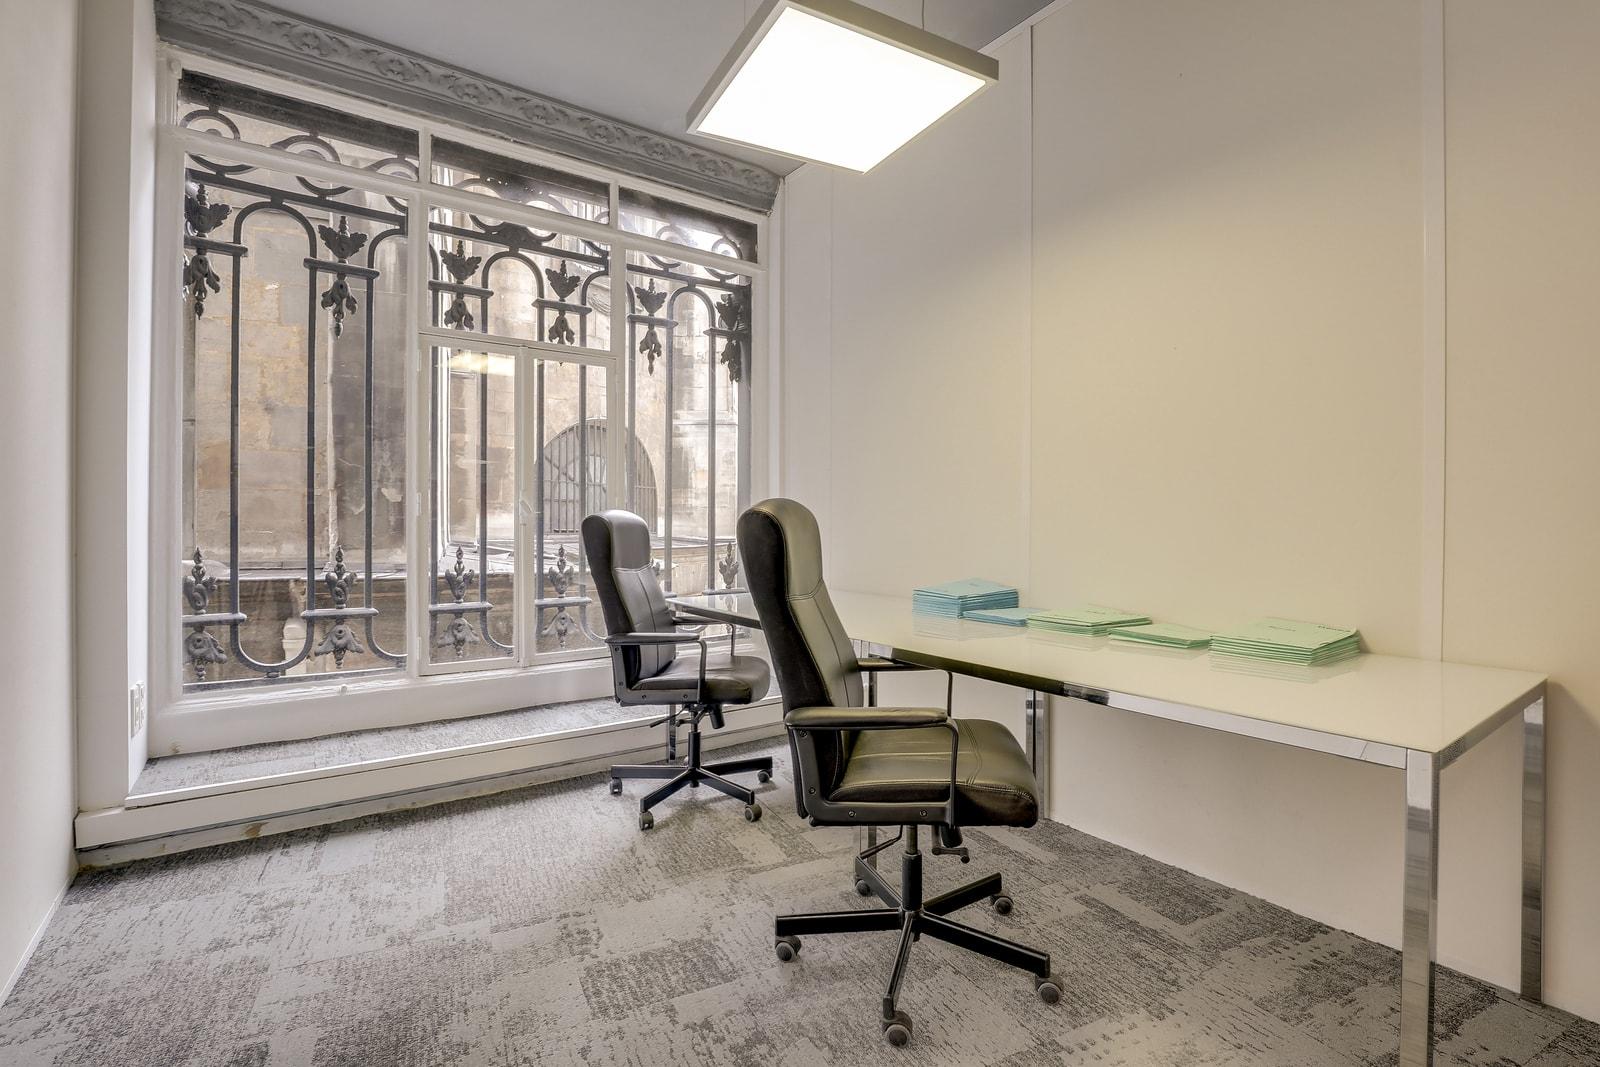 149 Rue Saint Honoré office space for rent: rue de rivoli 162, paris